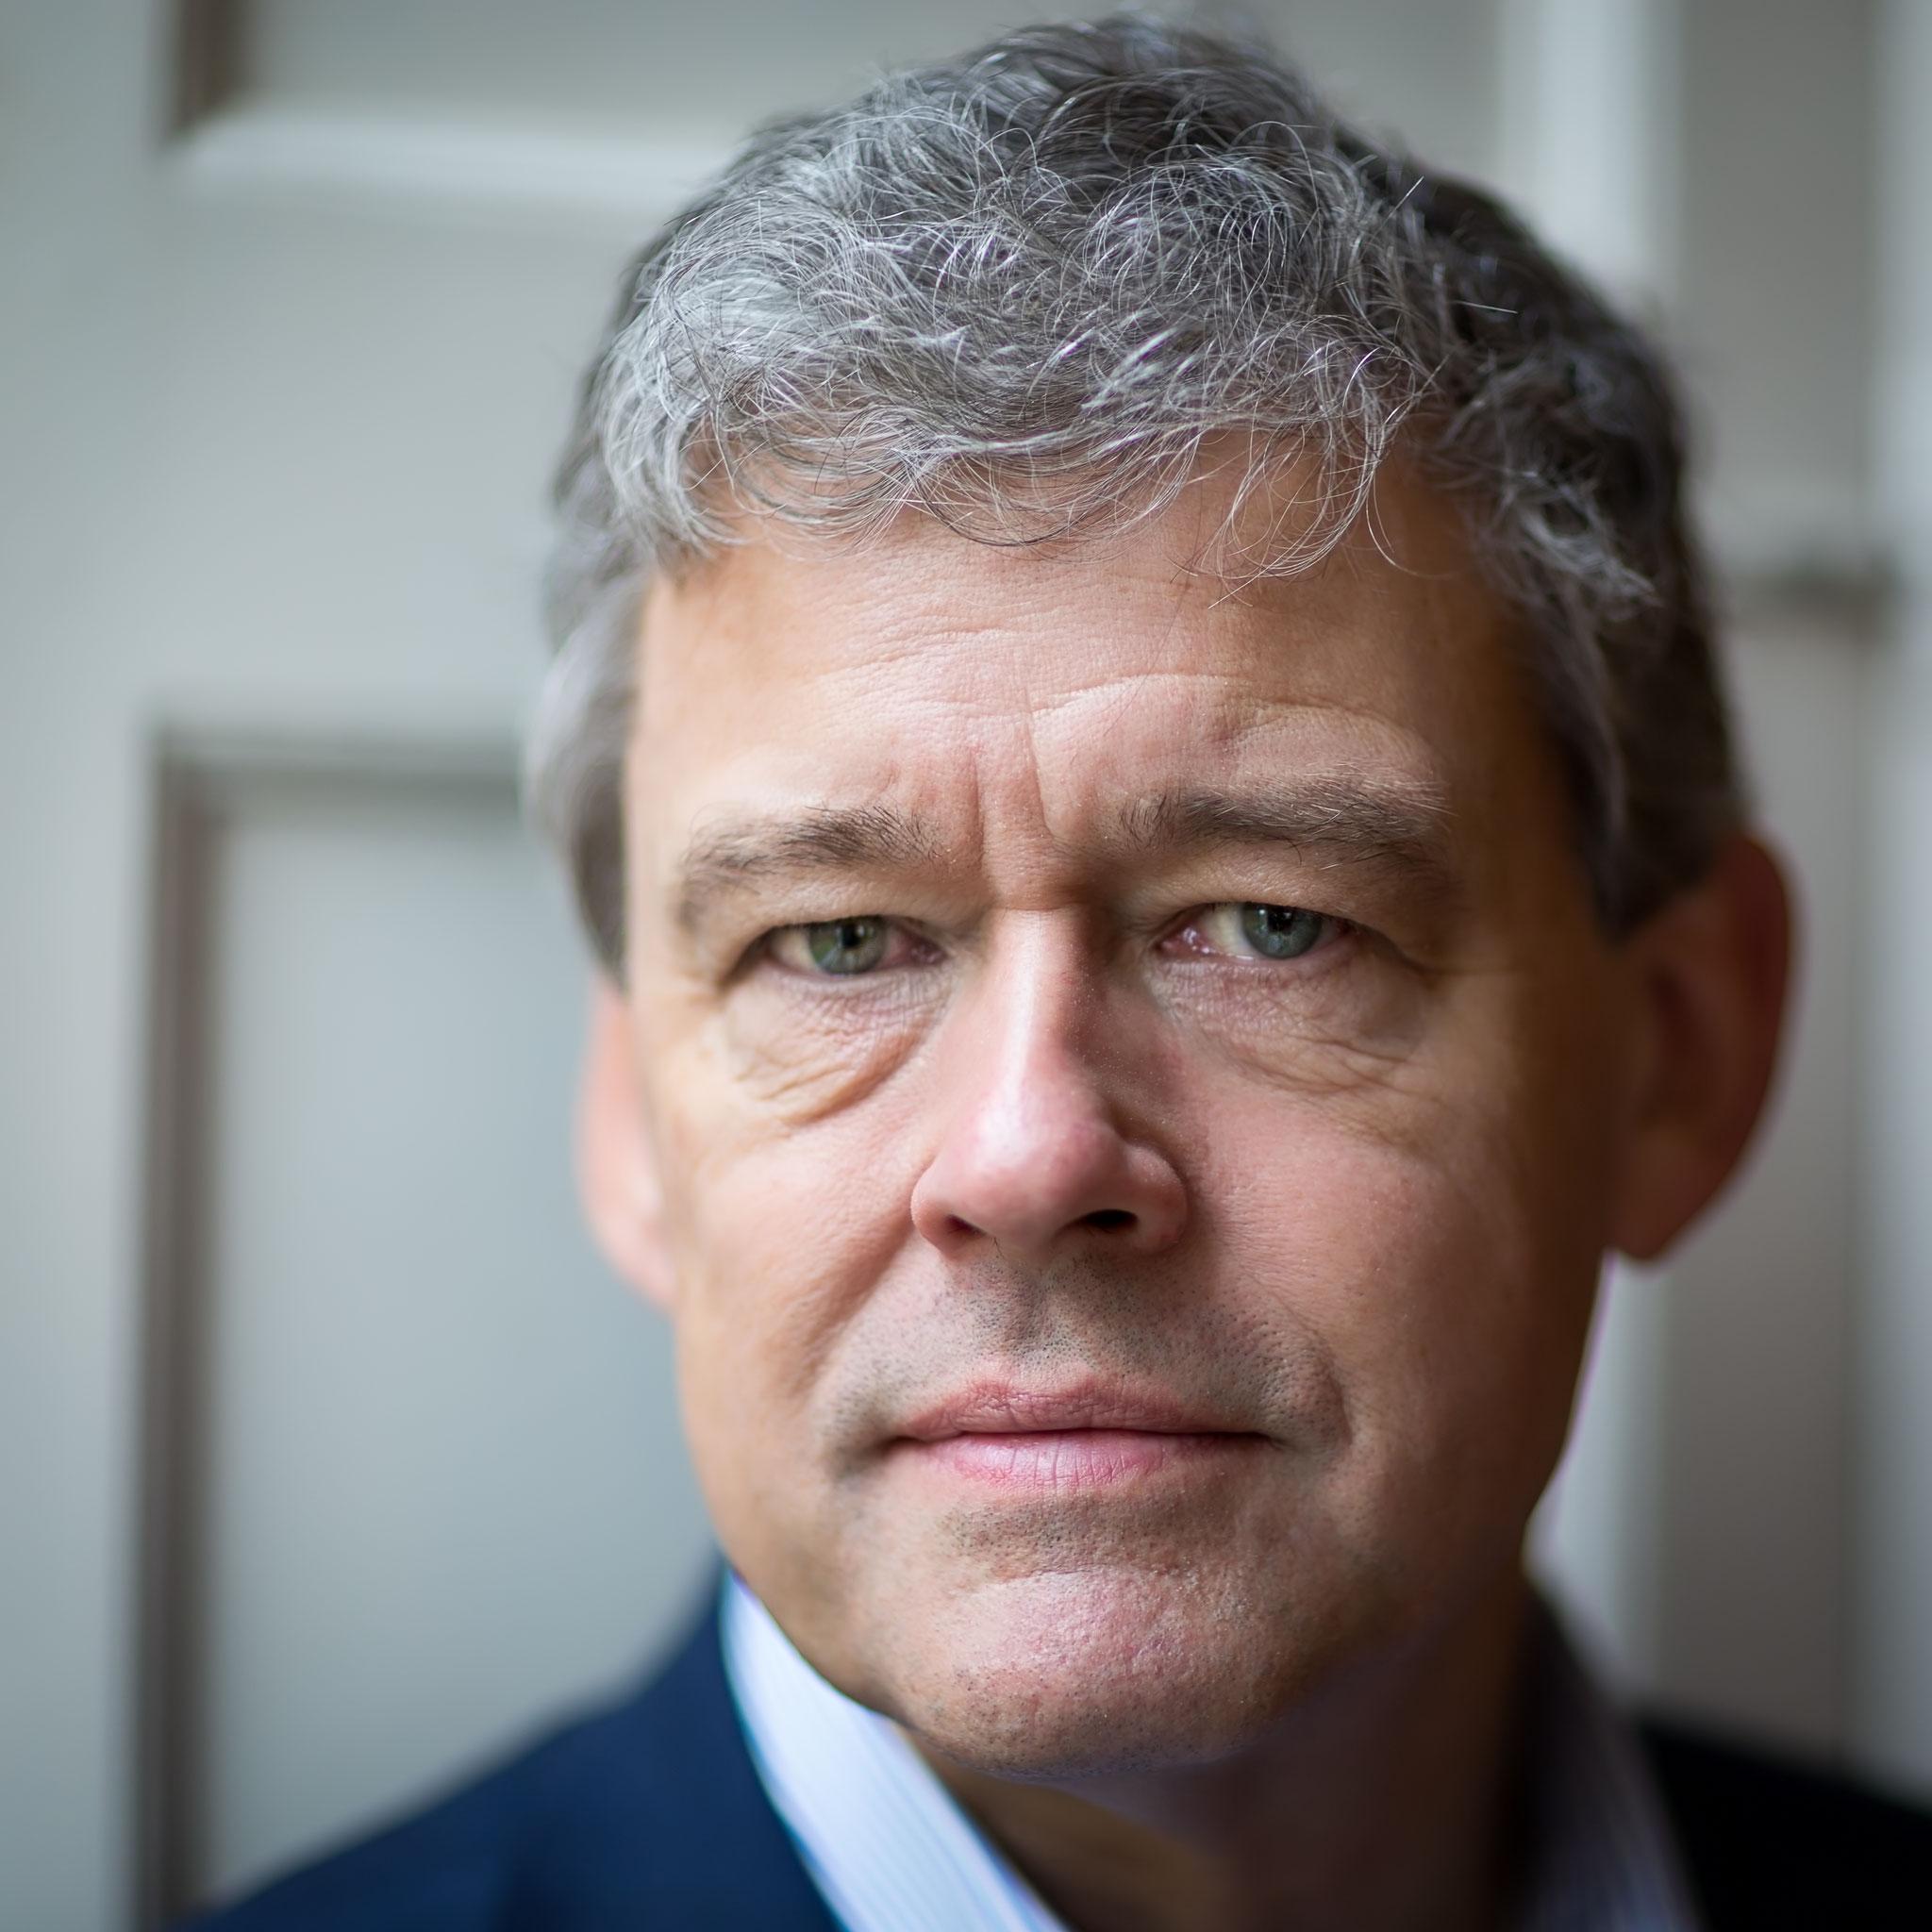 Charles Groenhuijsen, journalist